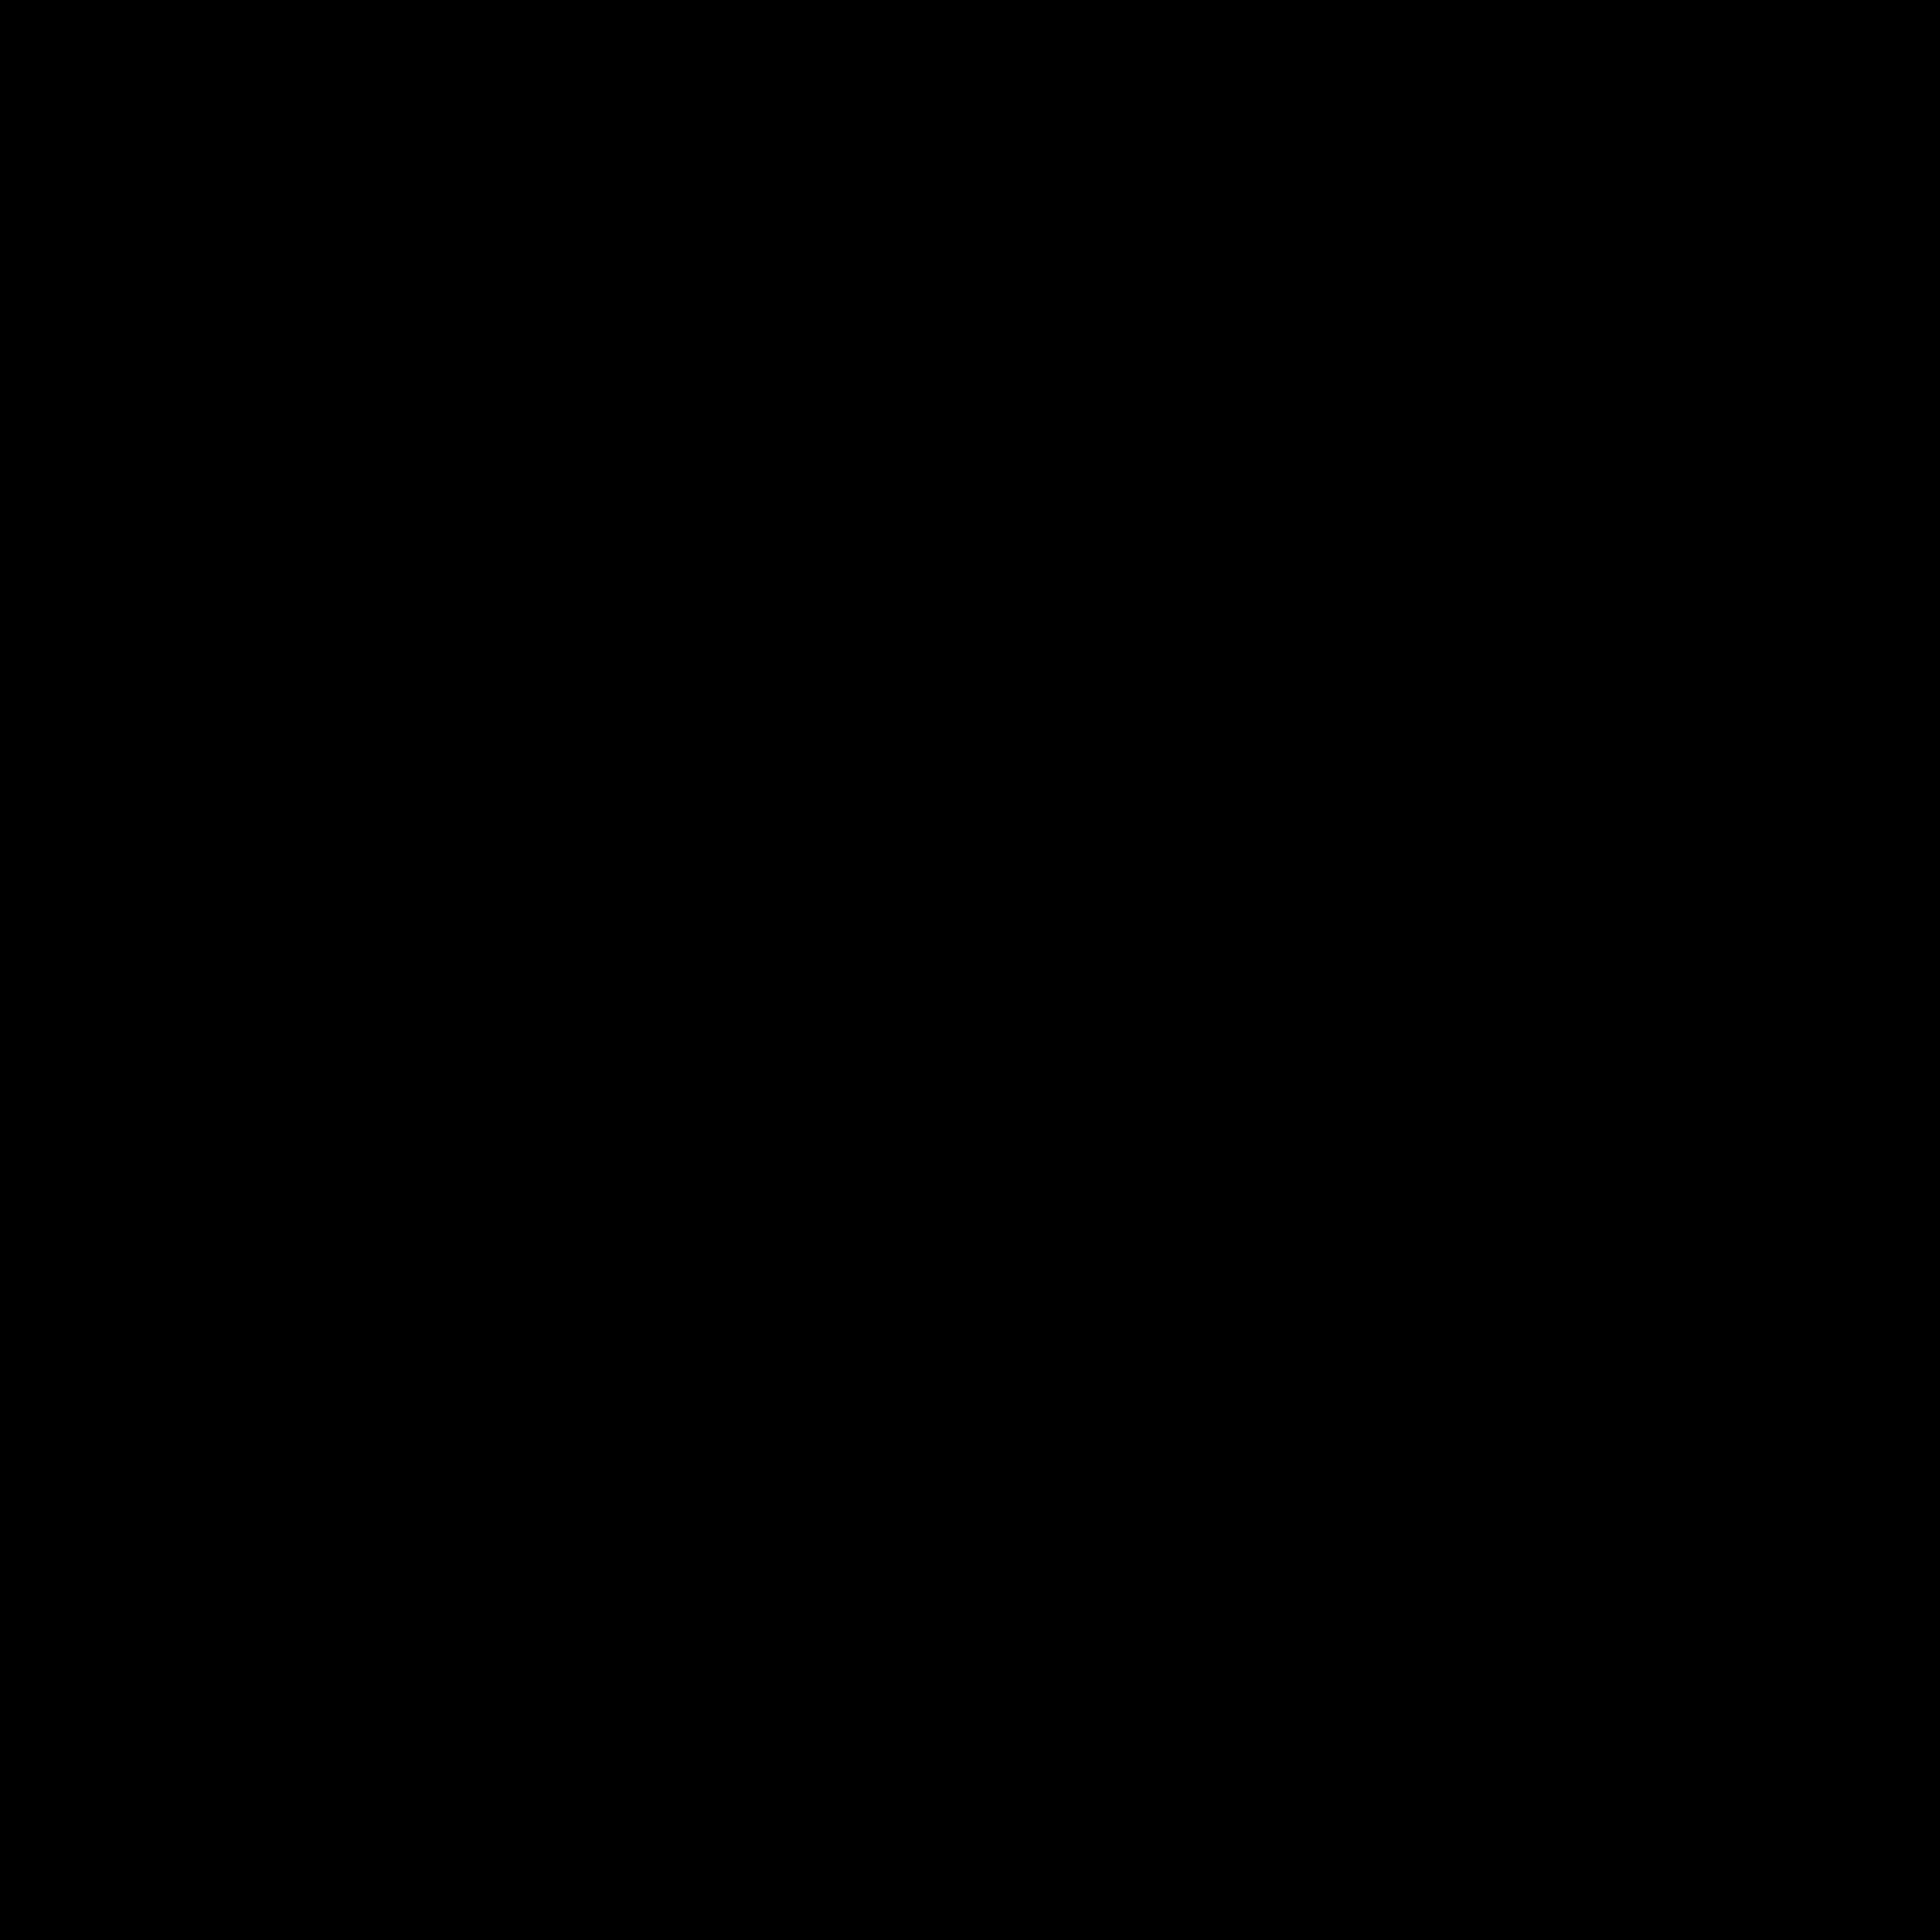 symbole a